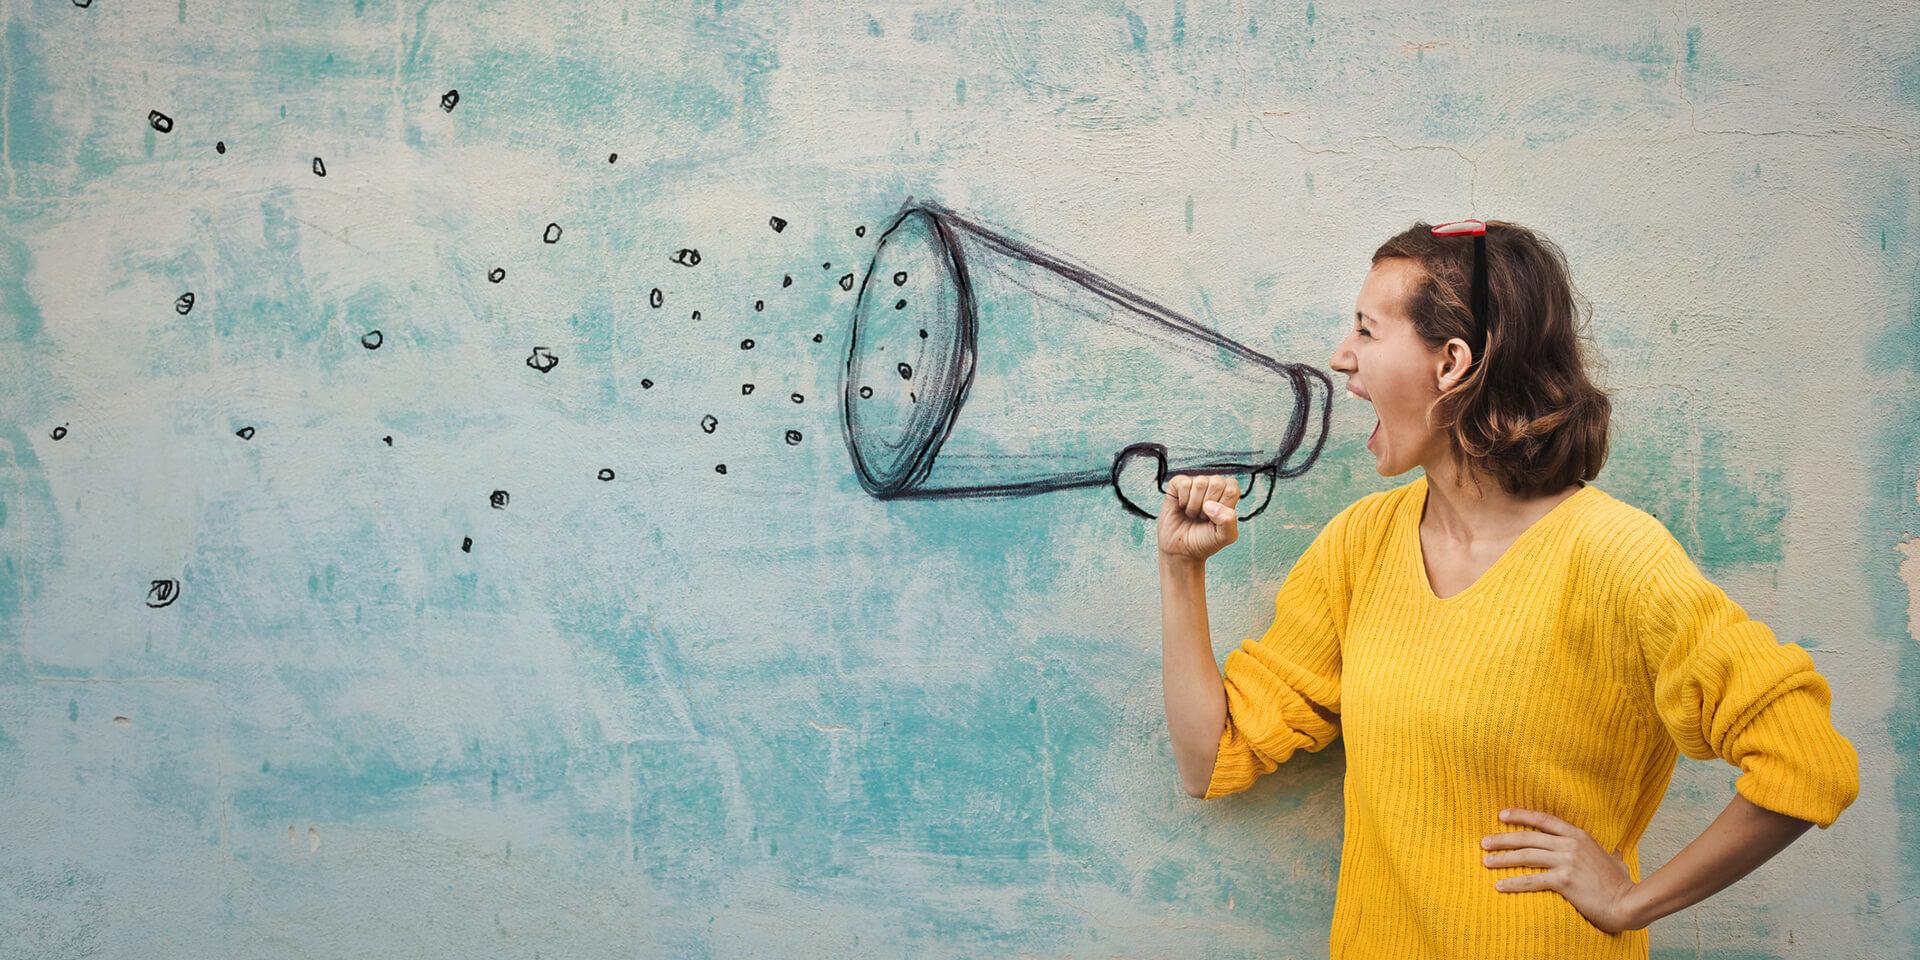 Eine Frau spricht entschlossen in ein stilisiertes Megafon